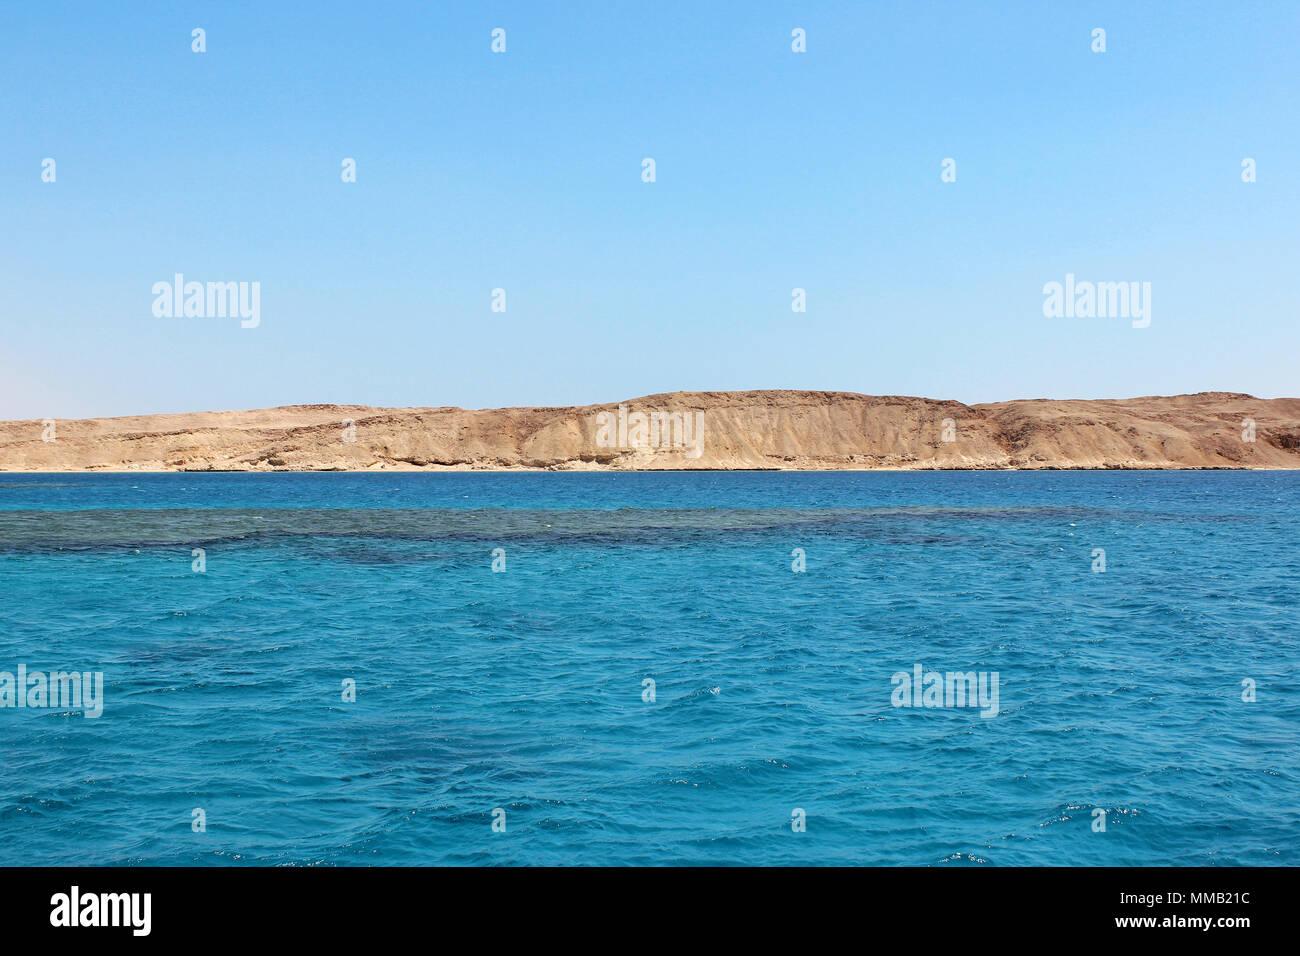 Das Rote Meer und die Insel Tiran in Ägypten. Blick auf das Meer. Stockbild